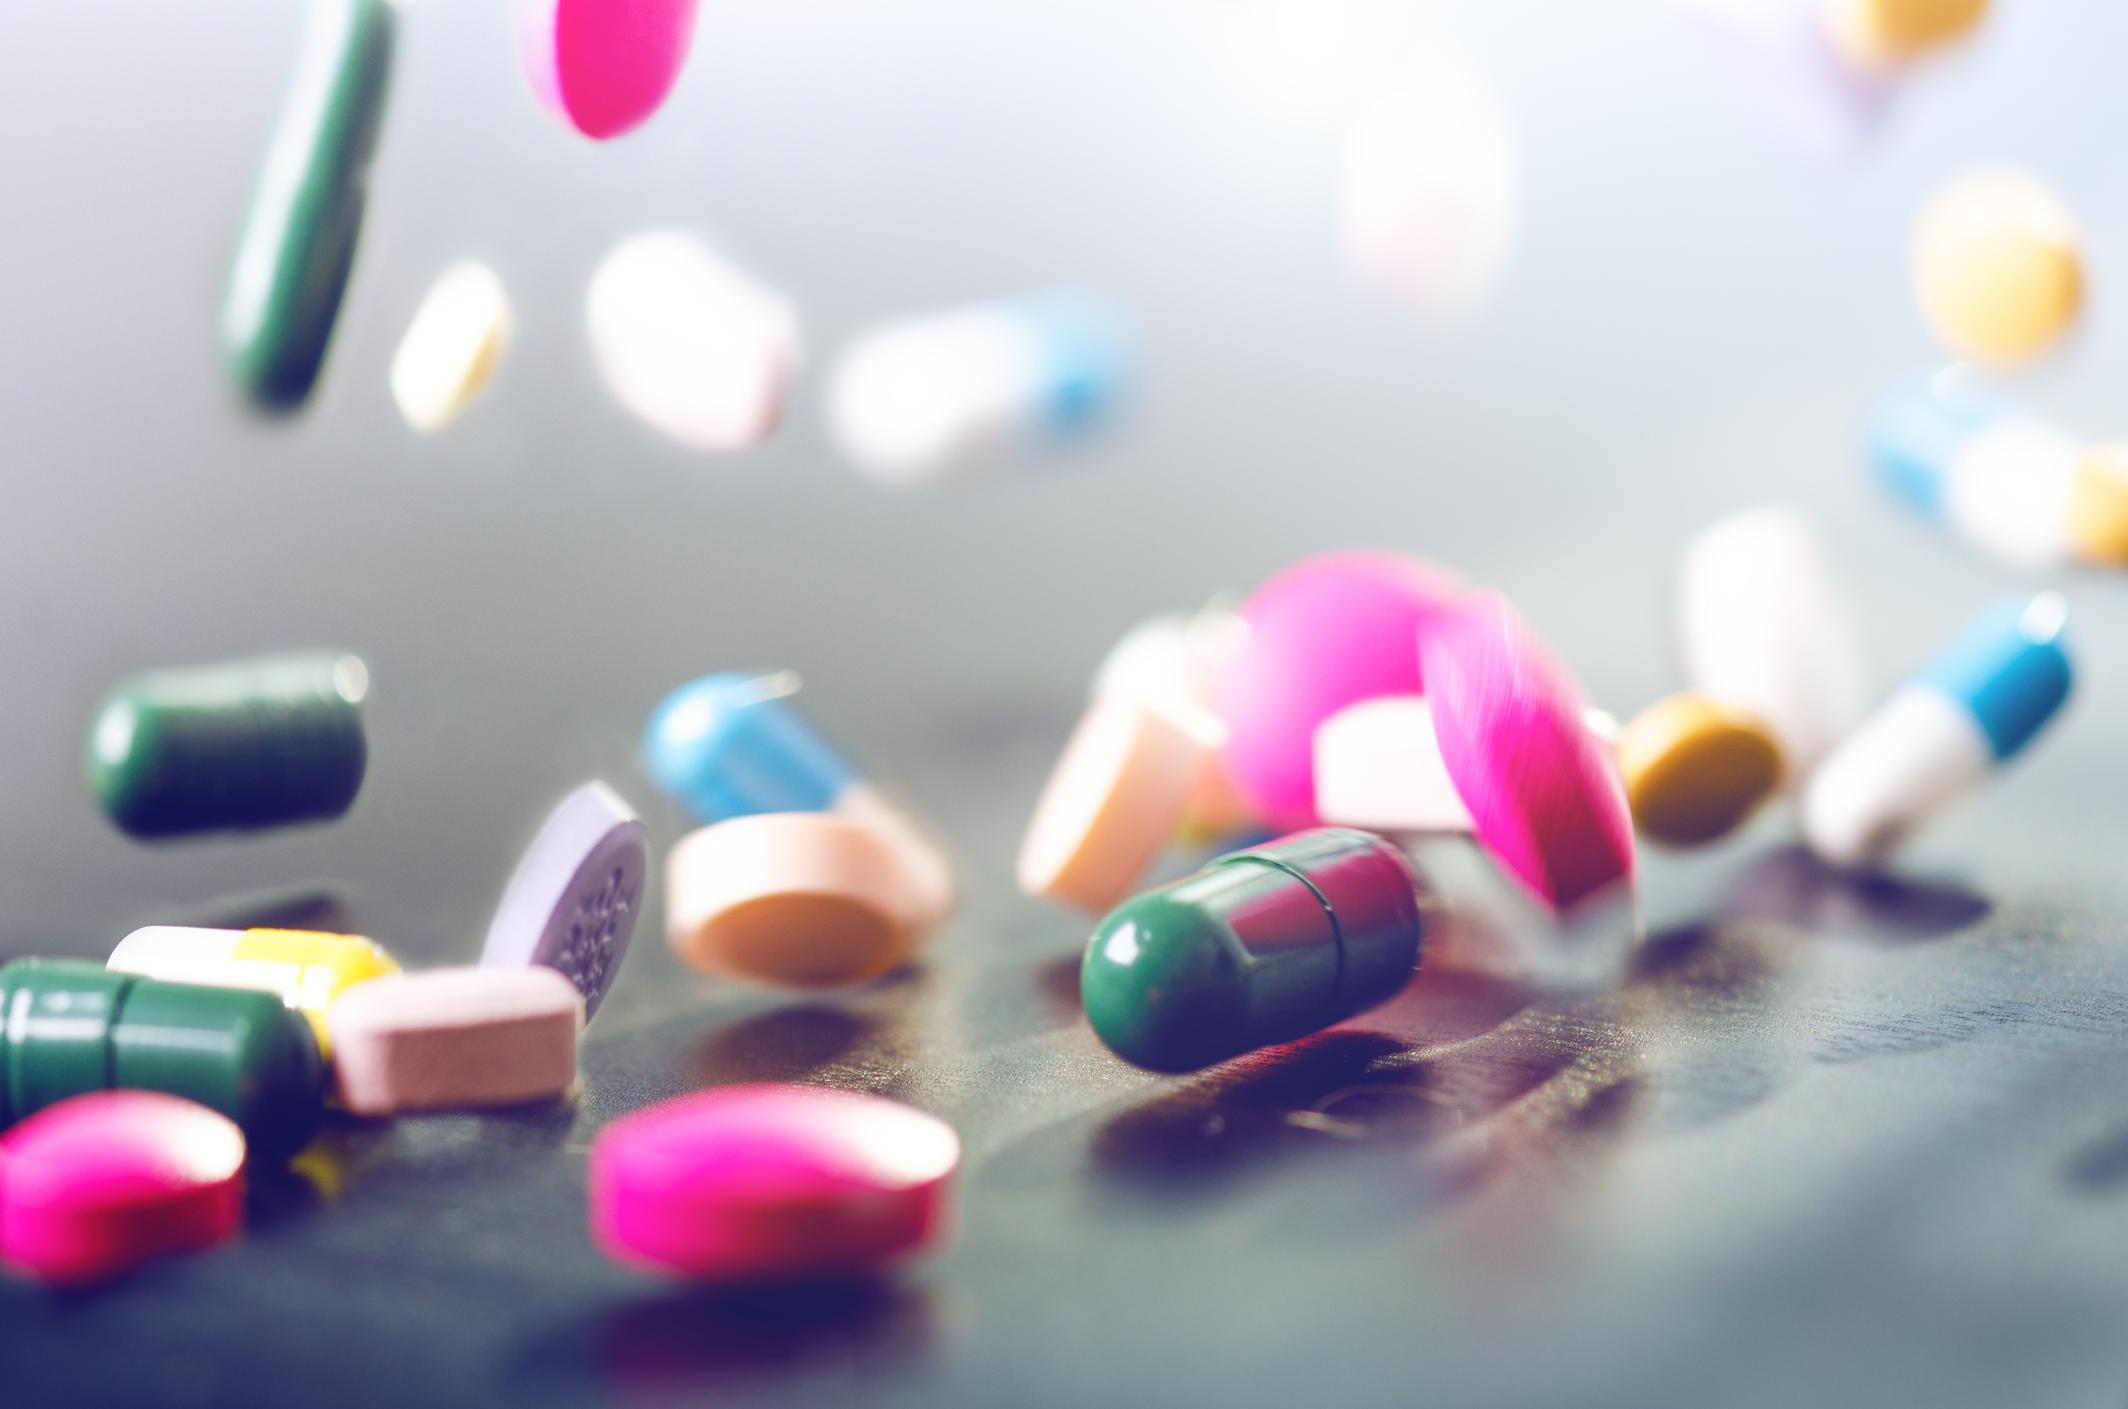 Antibiotics levitating